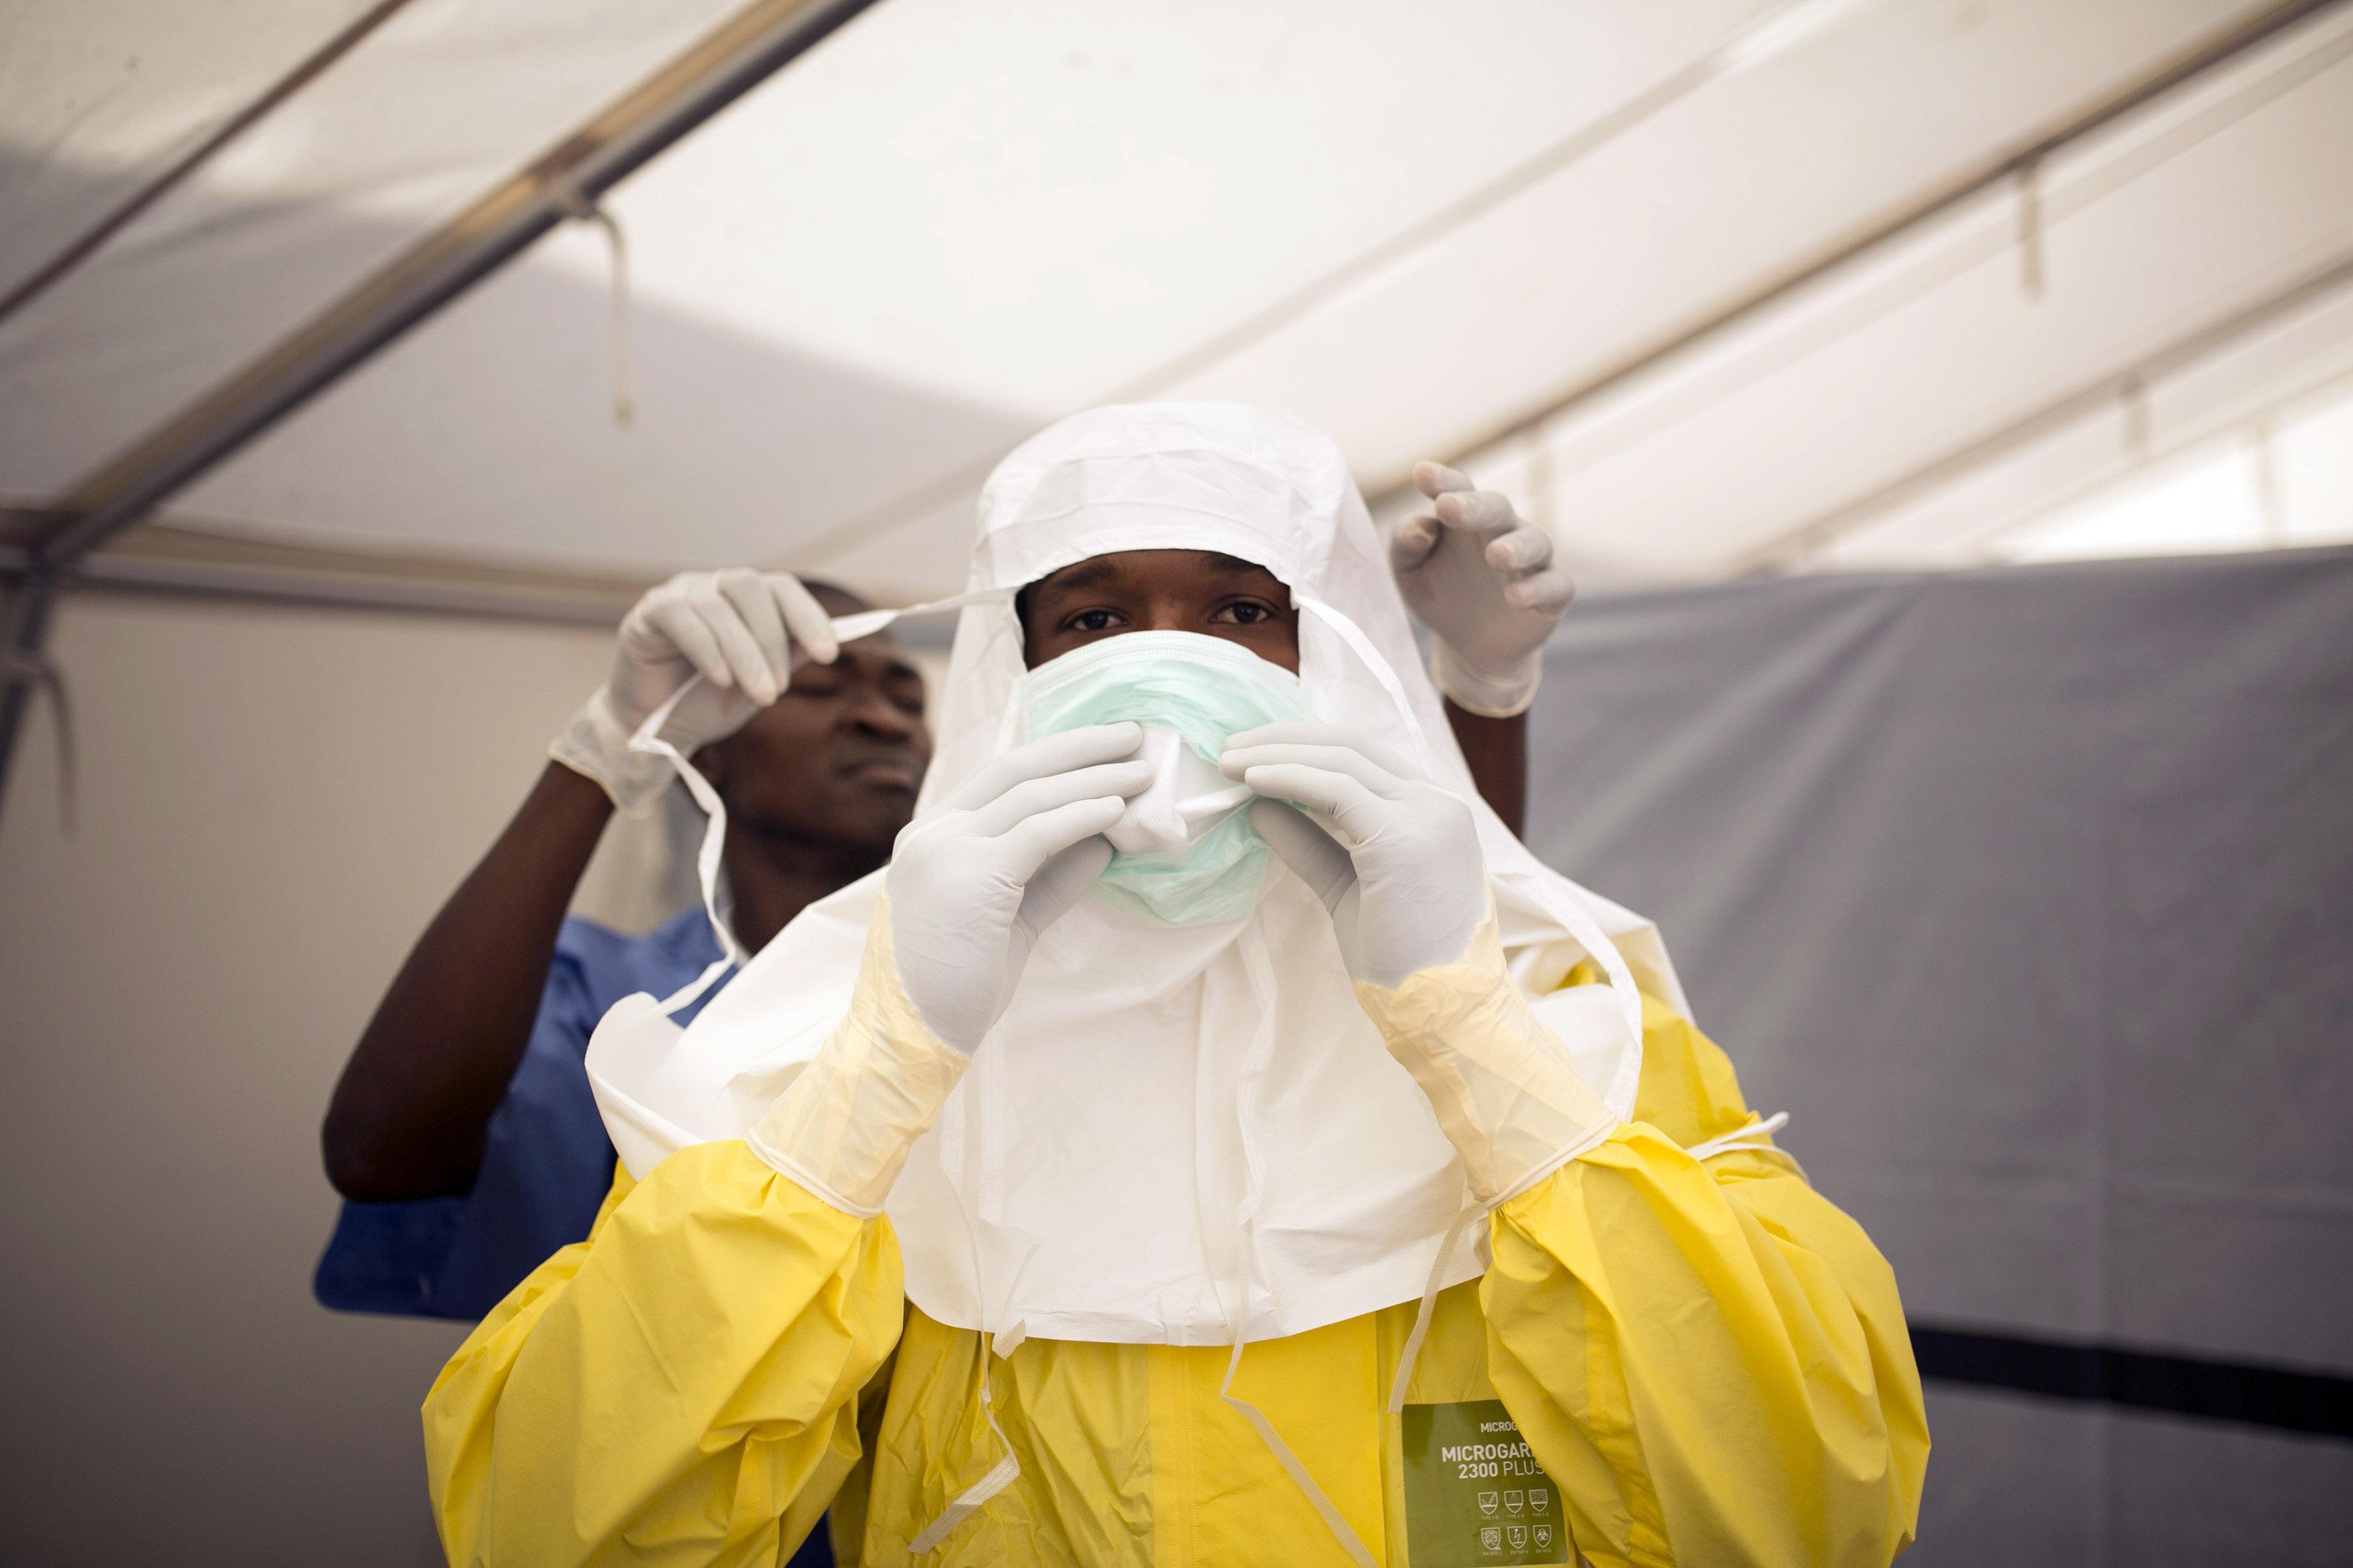 Νέα επιδημία Έμπολα στην Λαϊκή Δημοκρατία του Κονγκό. Έκτακτα μέτρα από τις γείτονες